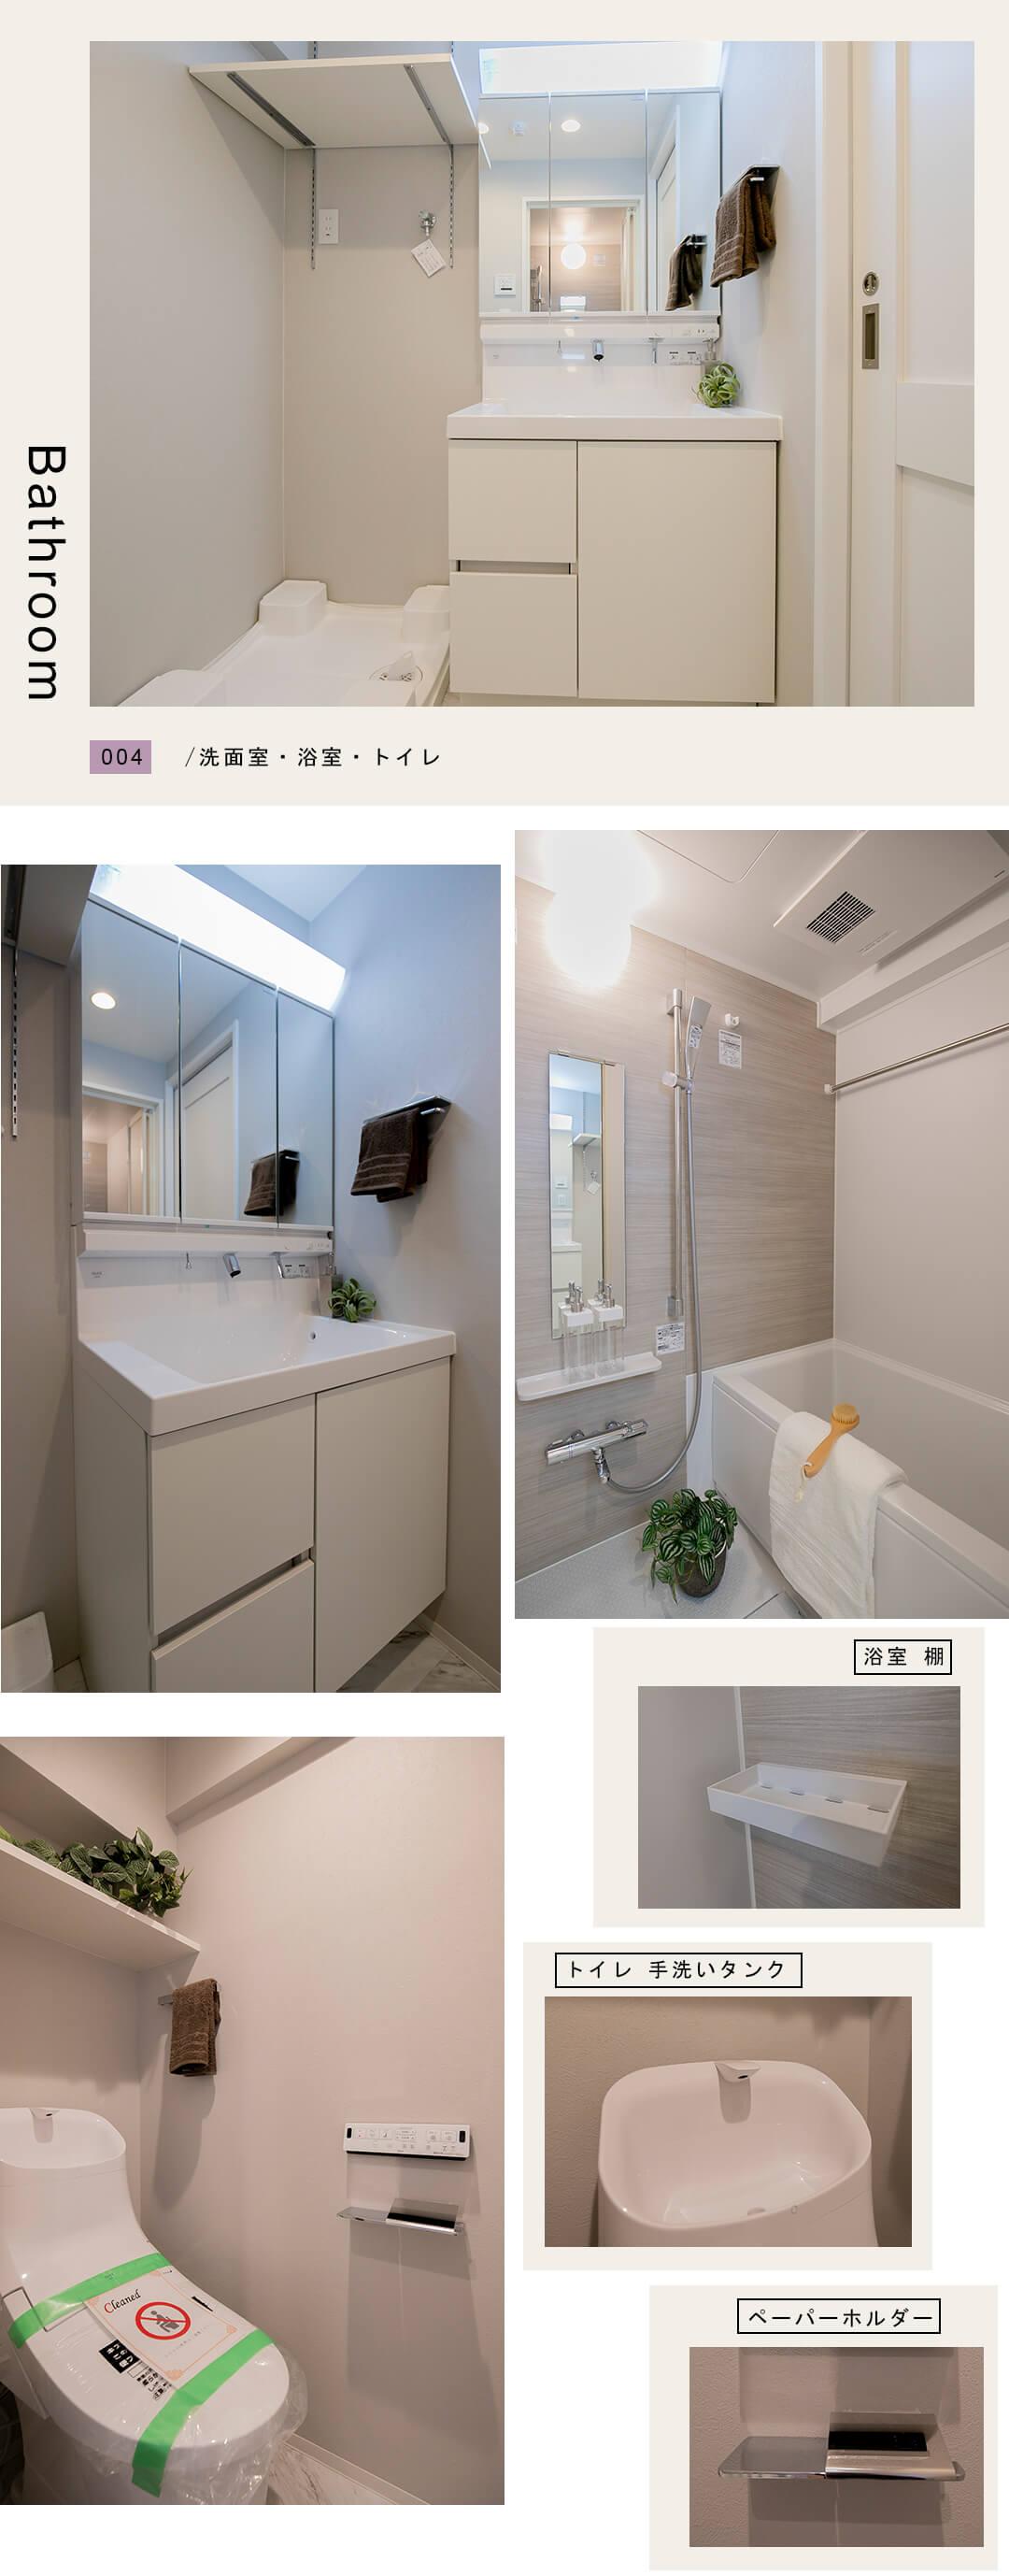 飯田橋ハイタウンの洗面室と浴室とトイレ